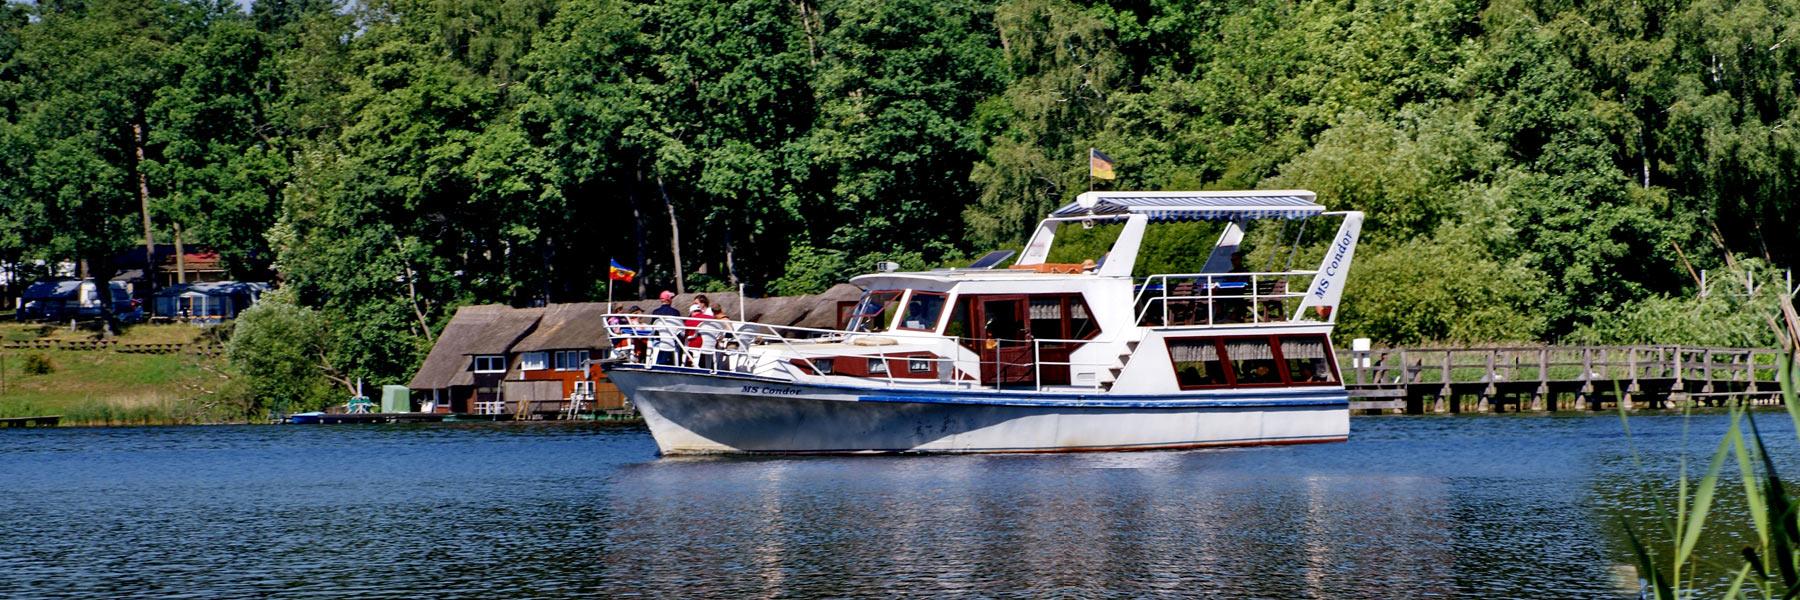 Bootsfahrt - Insel-Hotel & Ferienhäuser Dobbertin